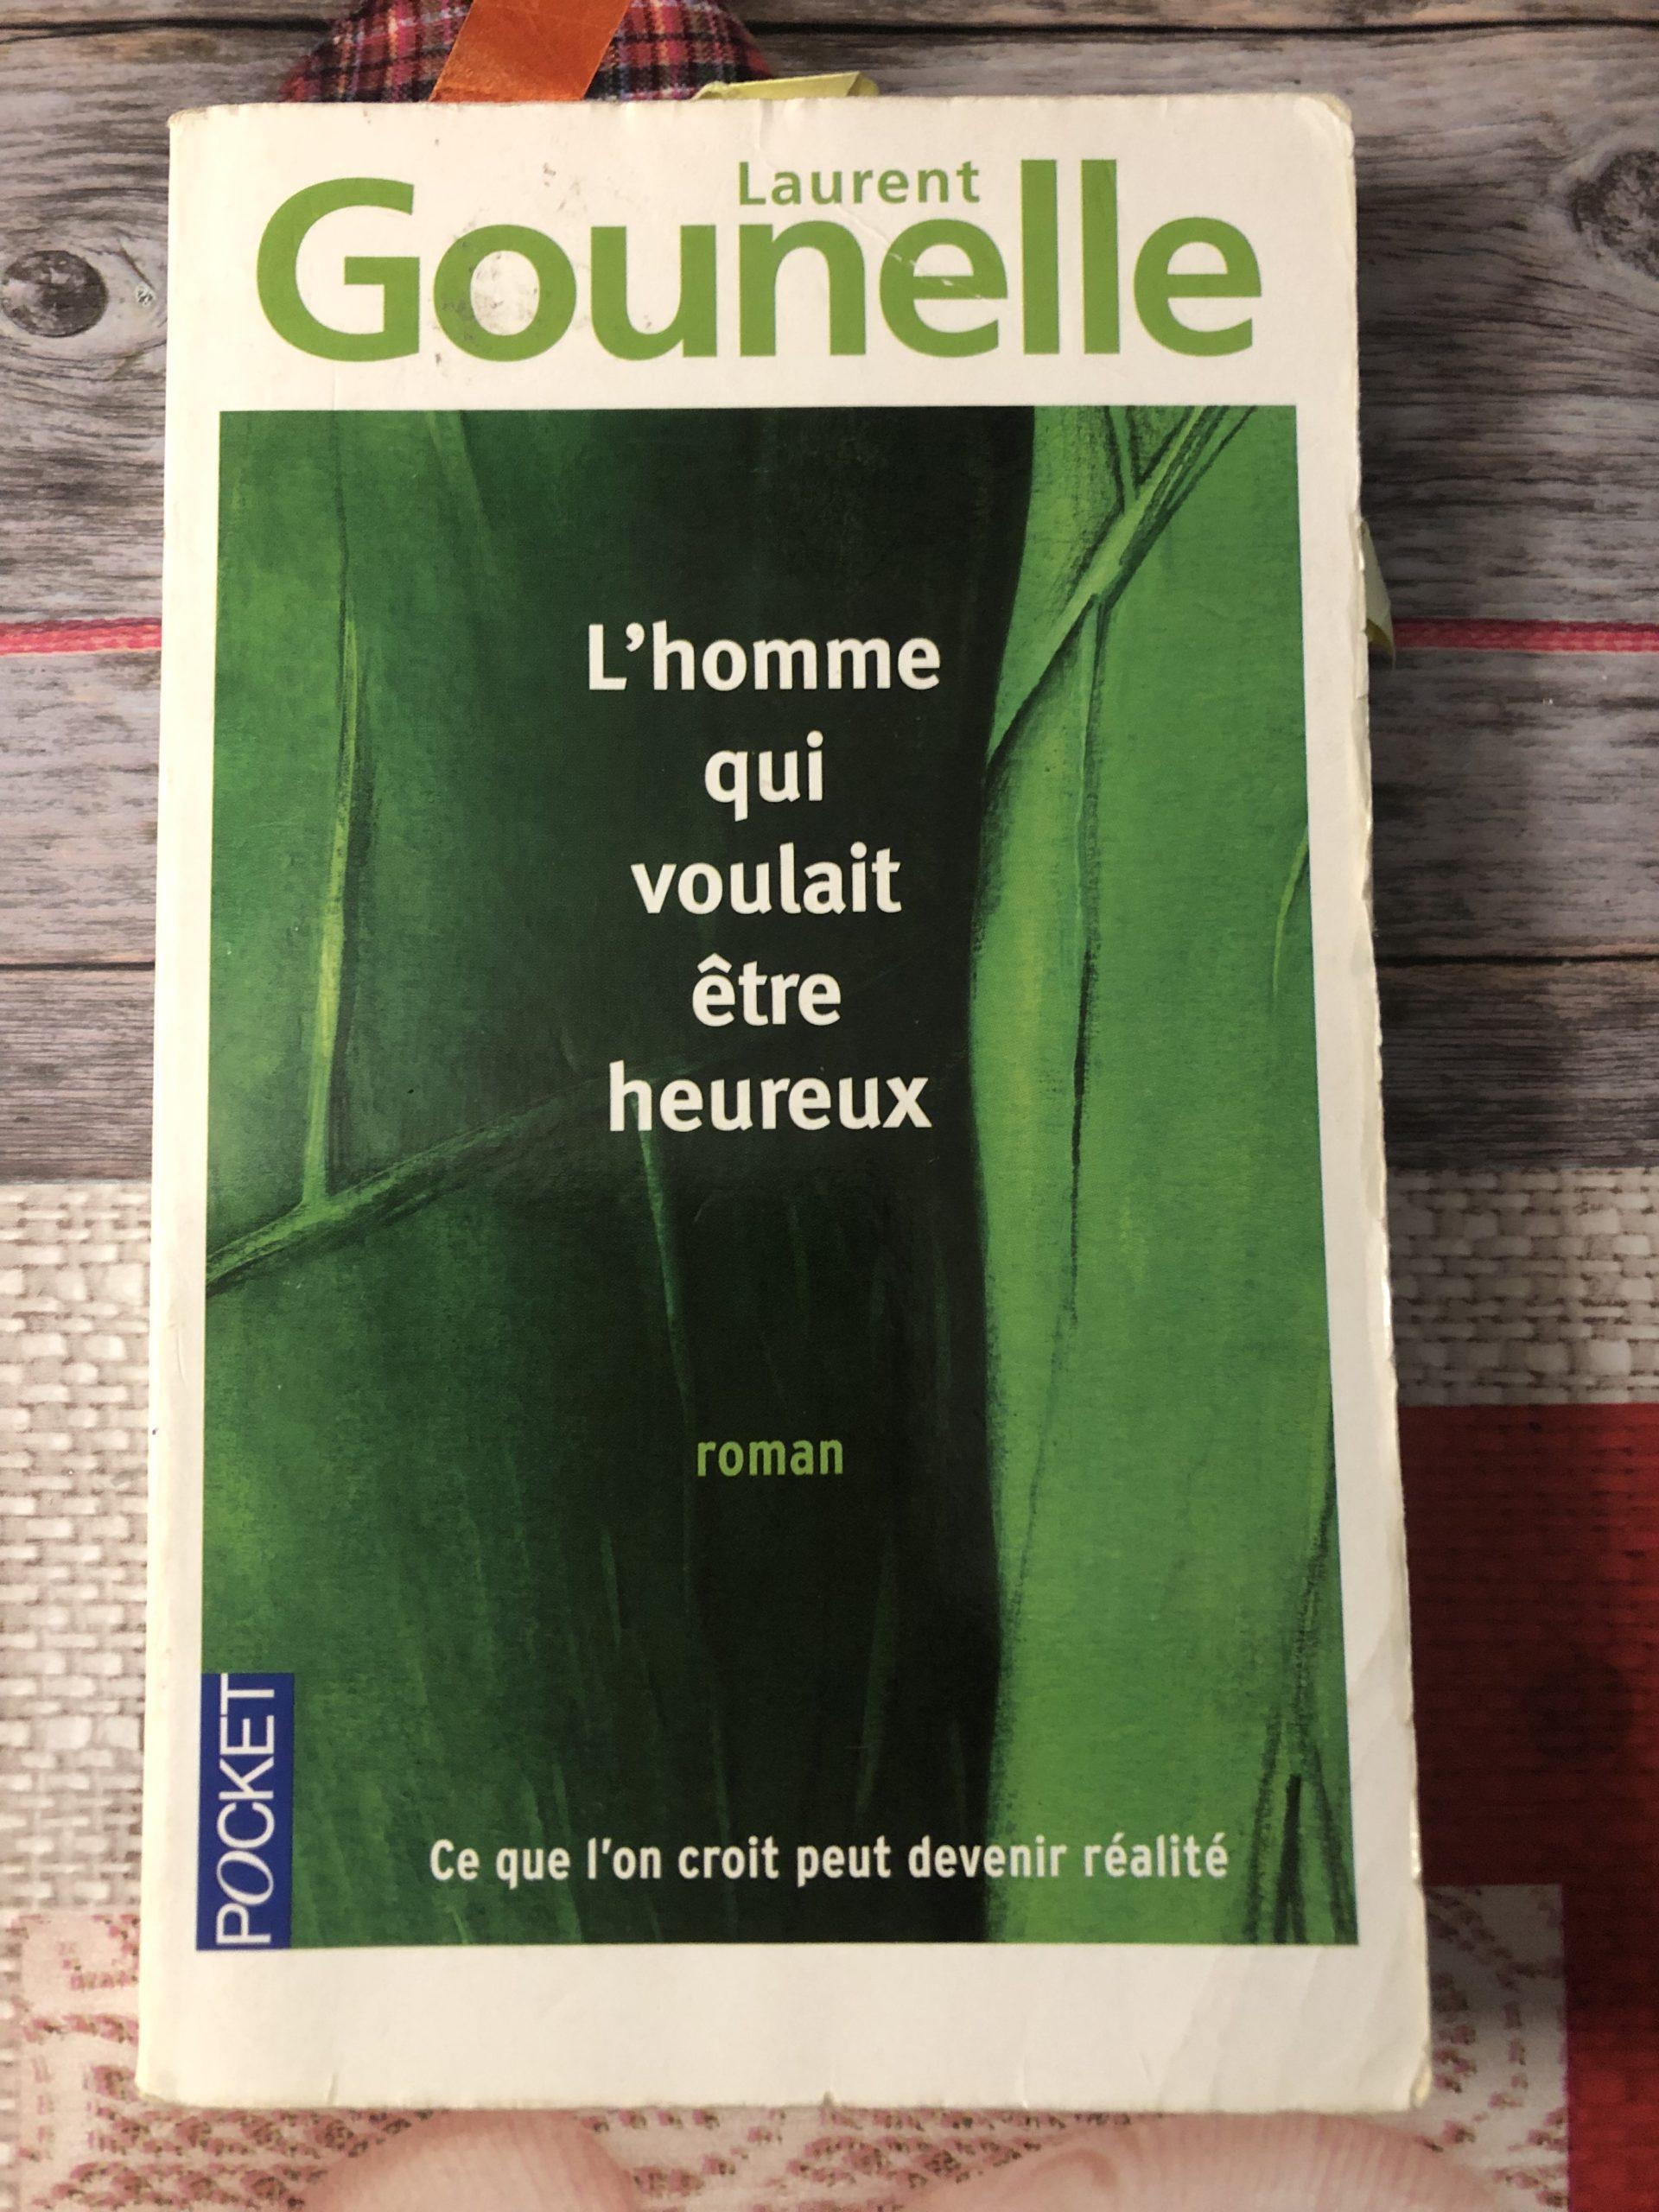 L'homme qui voulait être heureux de Laurent Gounelle - Photo de Cendrine Miesch pour le blog de LaPtiteAlsacienne.com